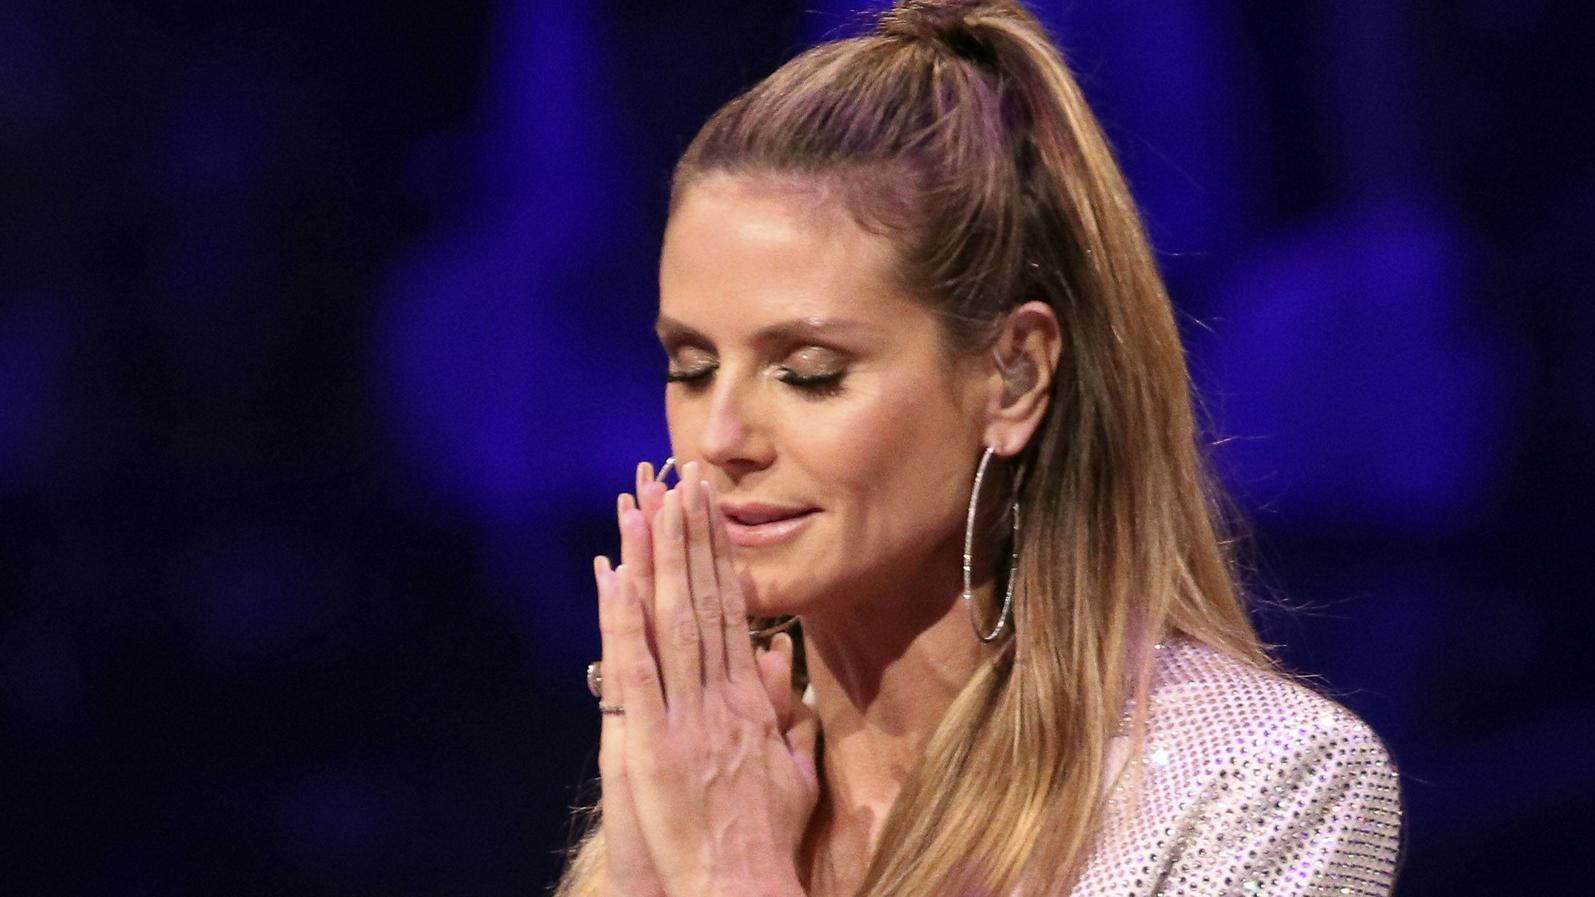 Auf Twitter hat Heidi Klum durch einen ganz bestimmten Hashtag einen Shitstorm ausgelöst.